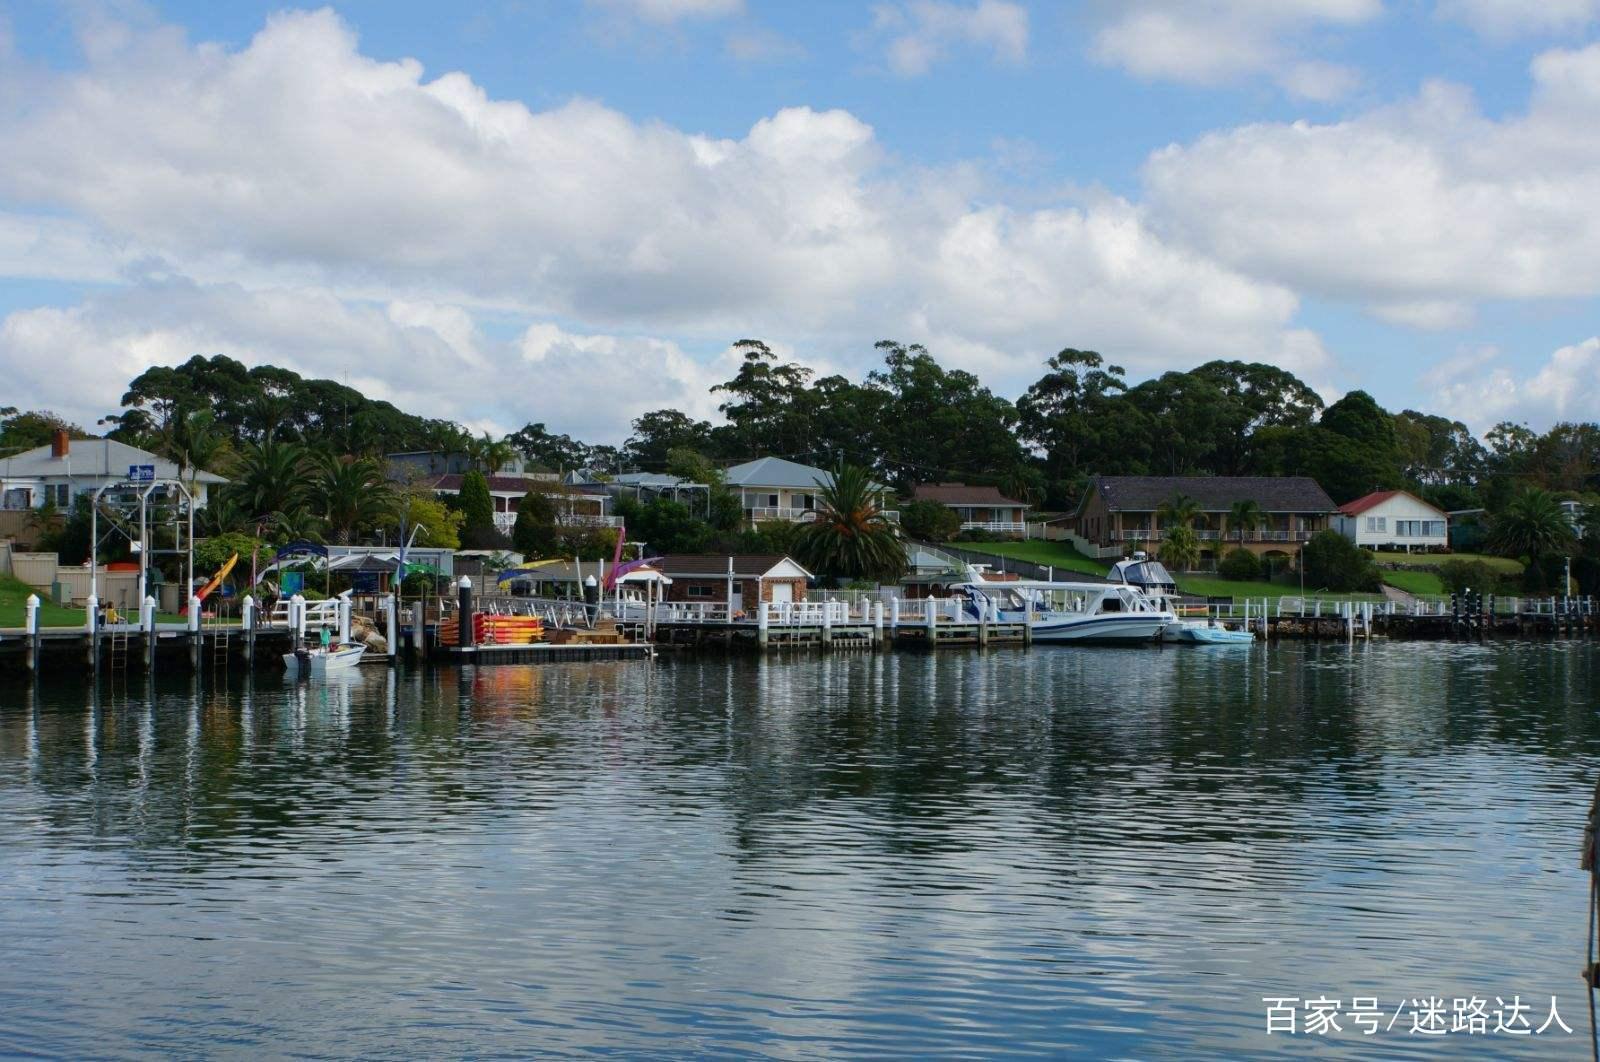 悉尼风景真是令人眼花缭乱,美不胜收,让人不得不佩服大自然的伟大!